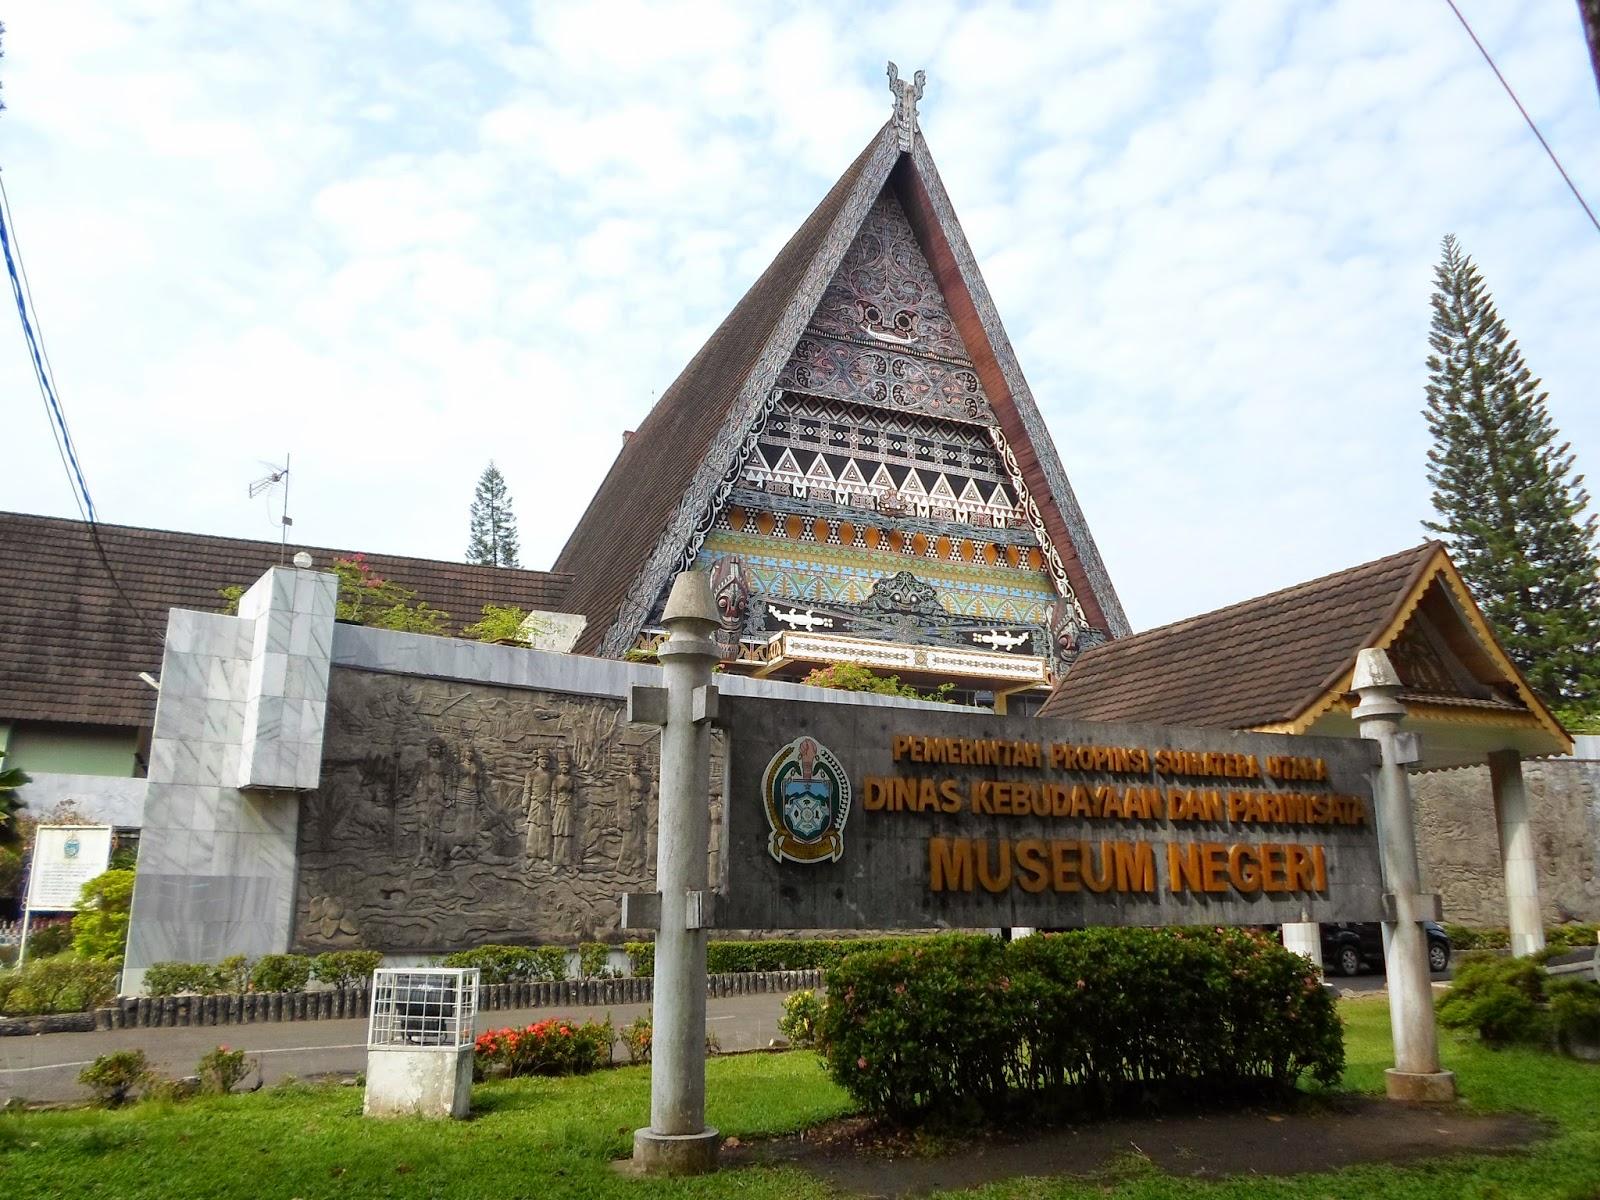 Nikmatnya Liburan Lengkap Museum Negeri Sulawesi Utara Kota Manado